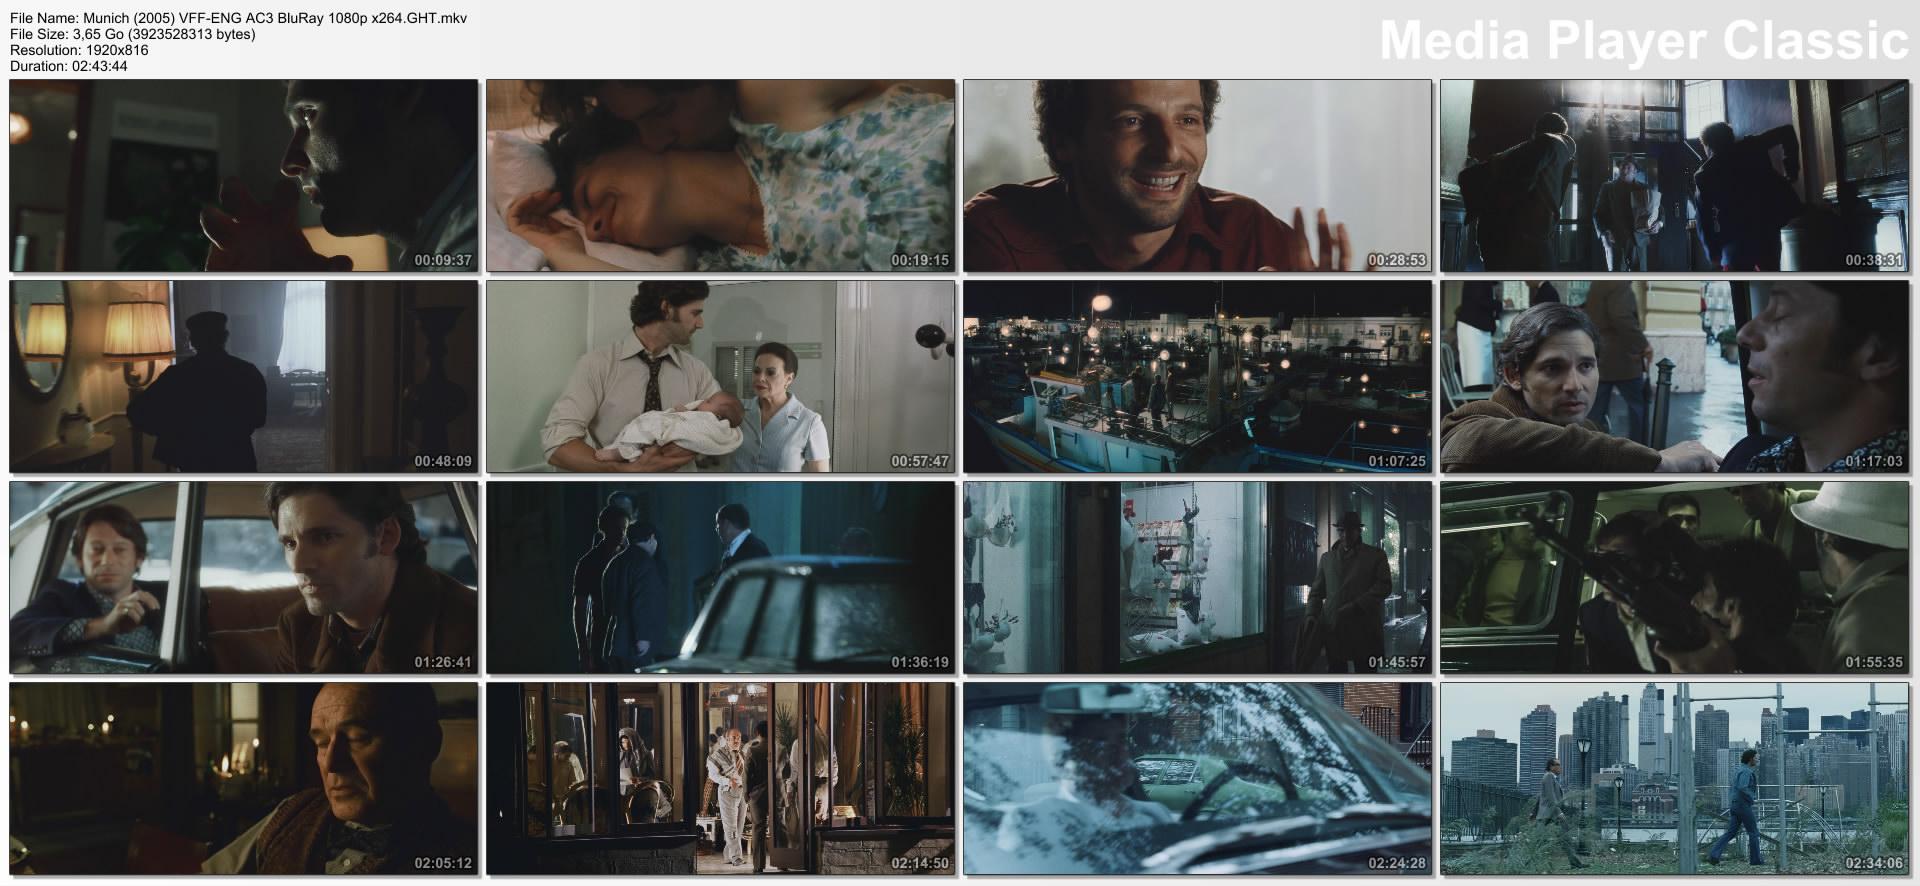 Munich (2005) VFF-ENG AC3 BluRay 1080p x264.GHT